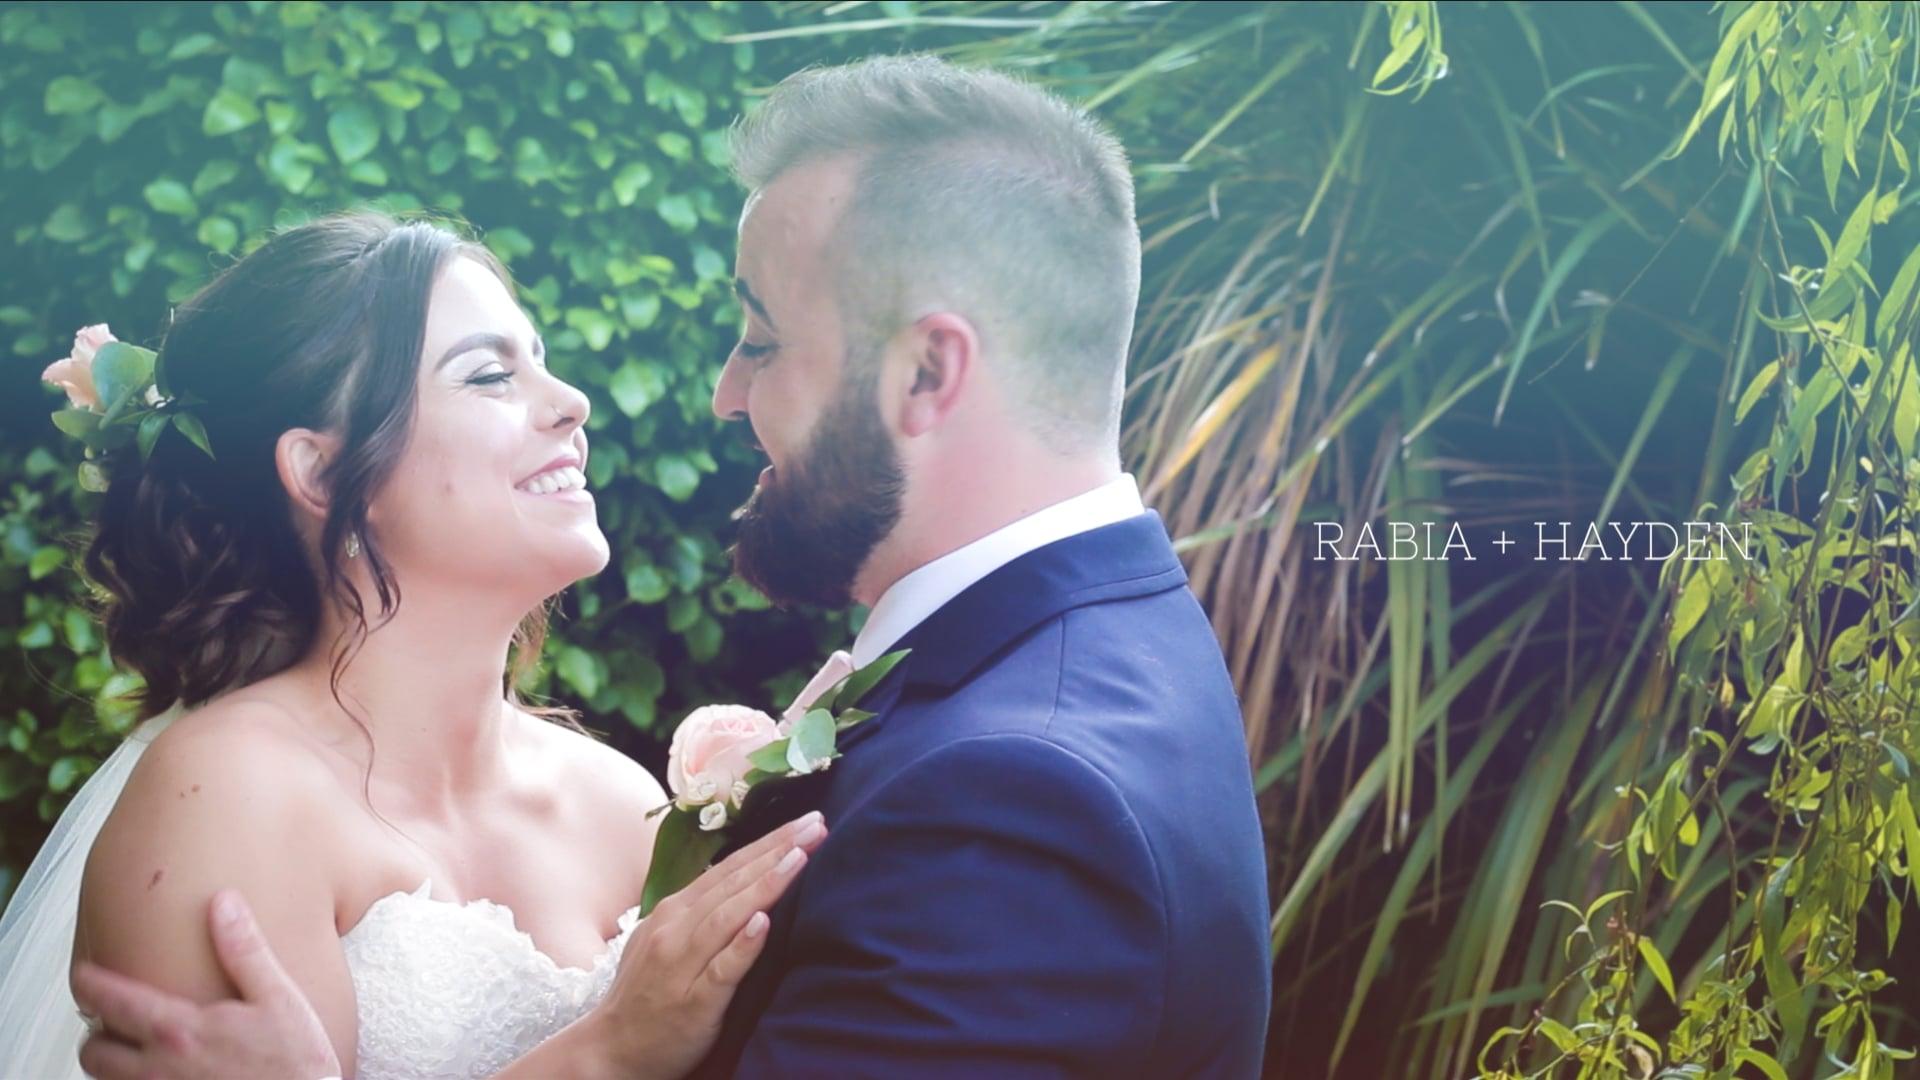 Rabia + Hayden